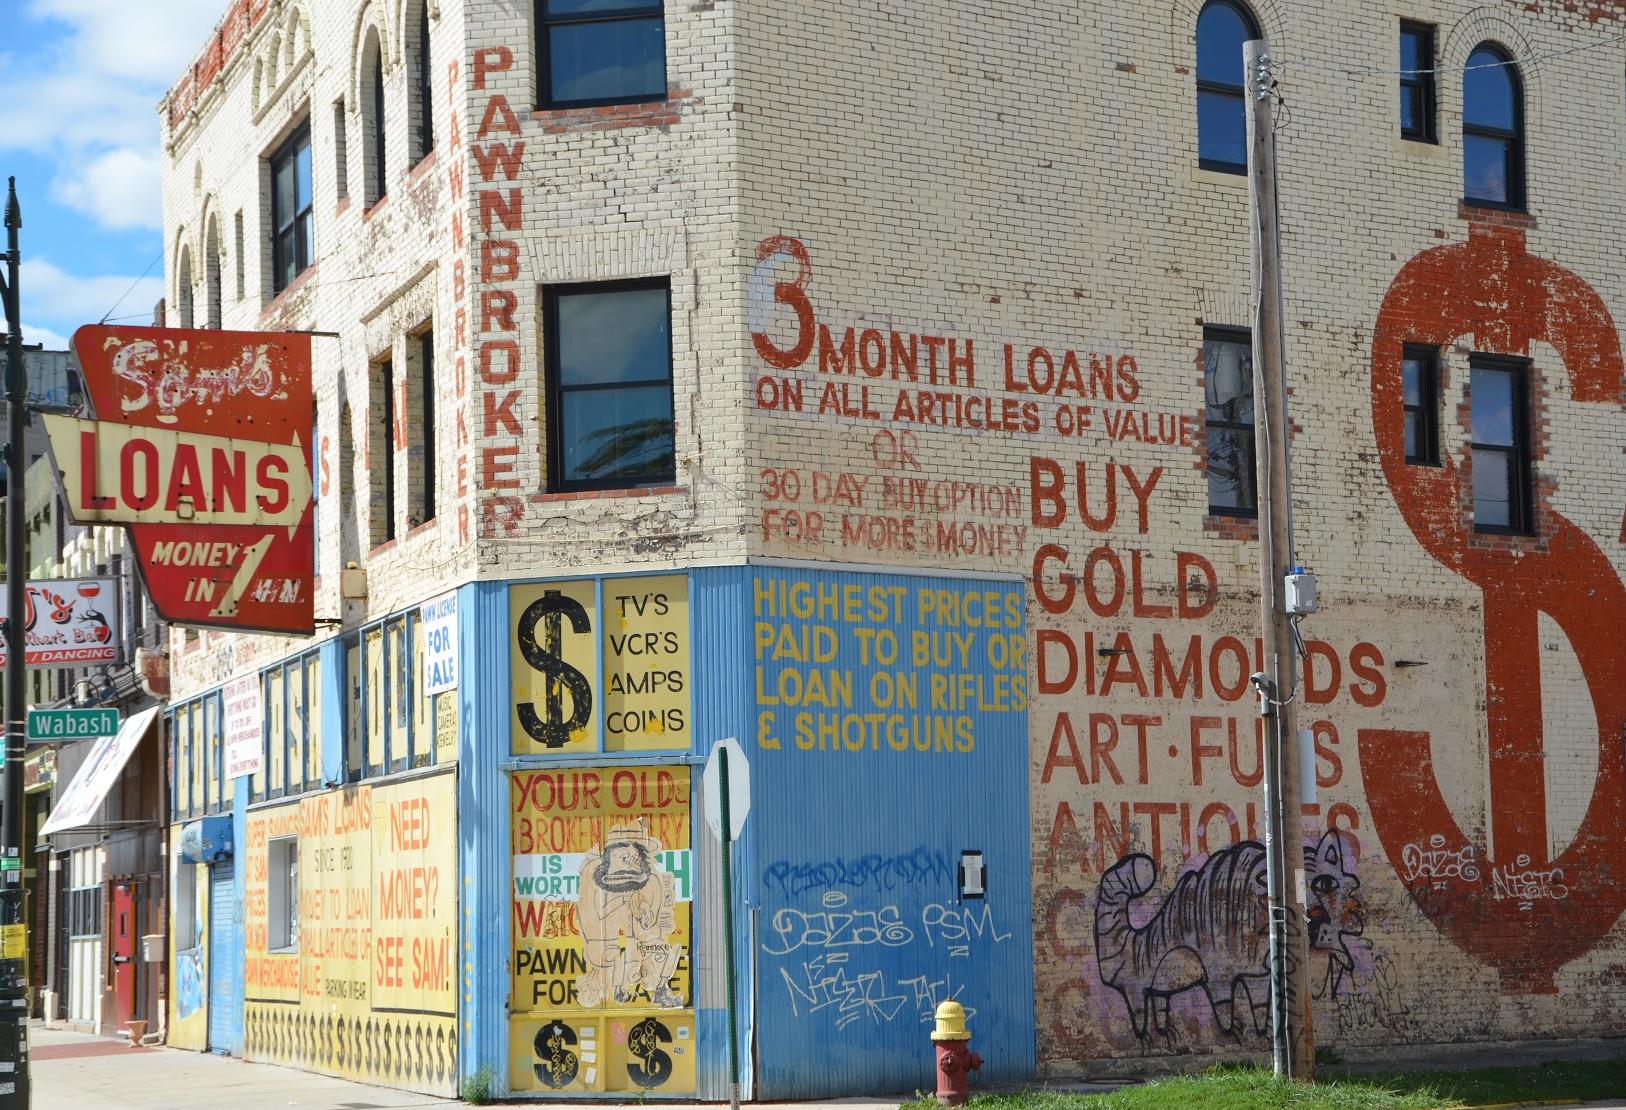 American Jewelry & Loan image 1